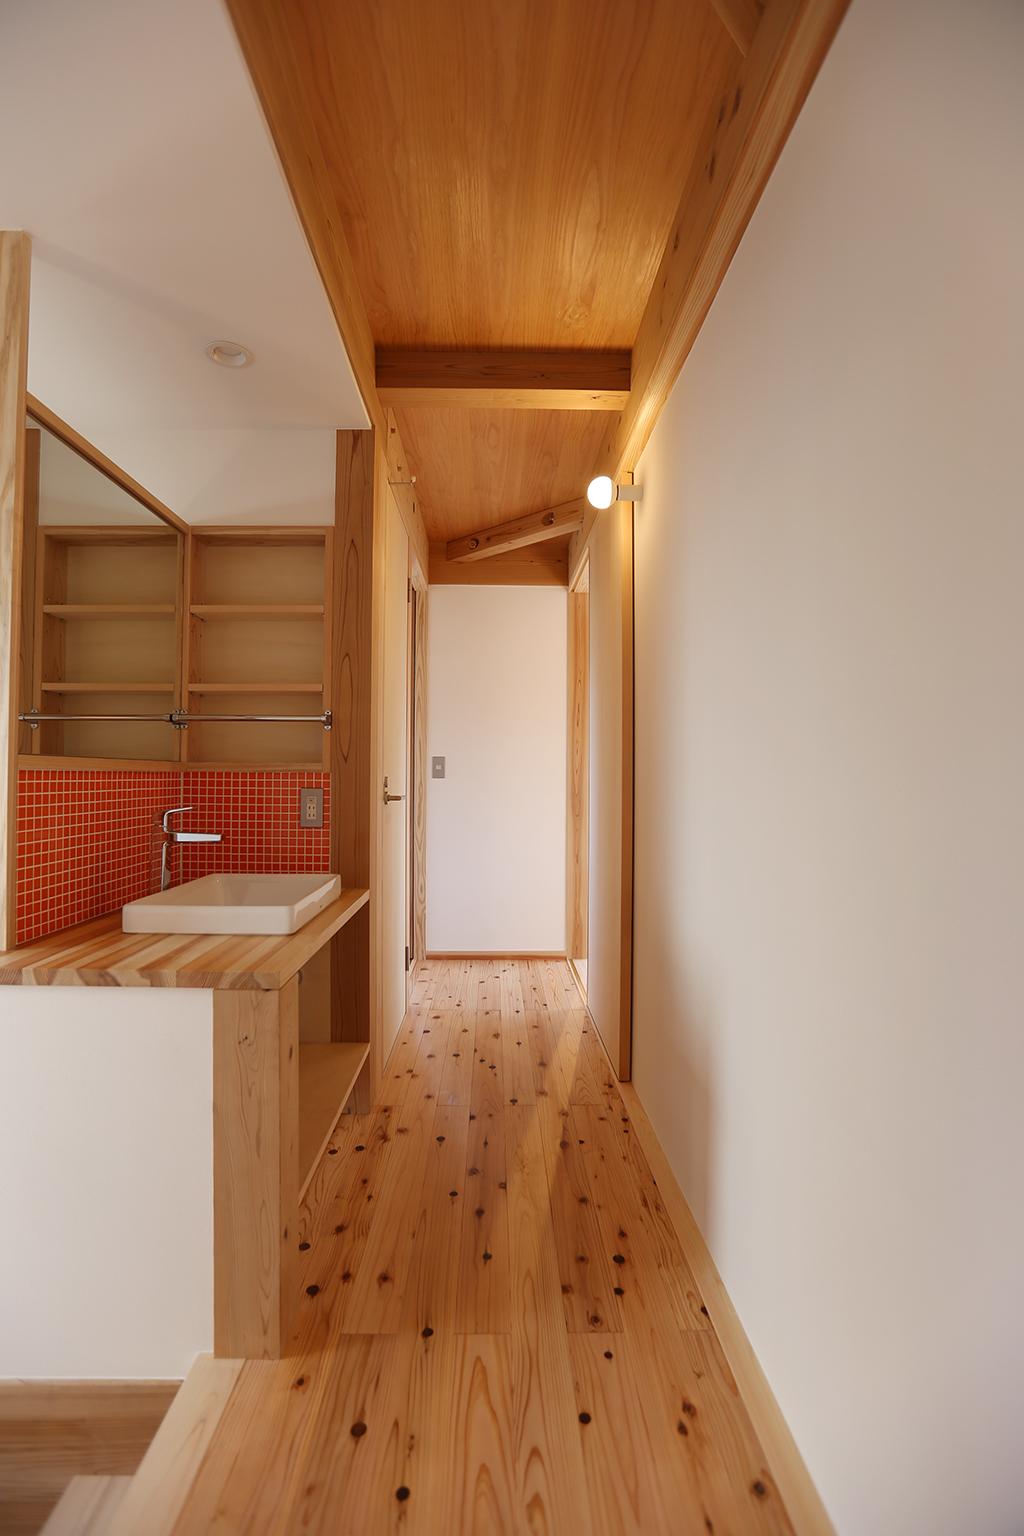 加古川市の木の家 2階に設けた洗面台